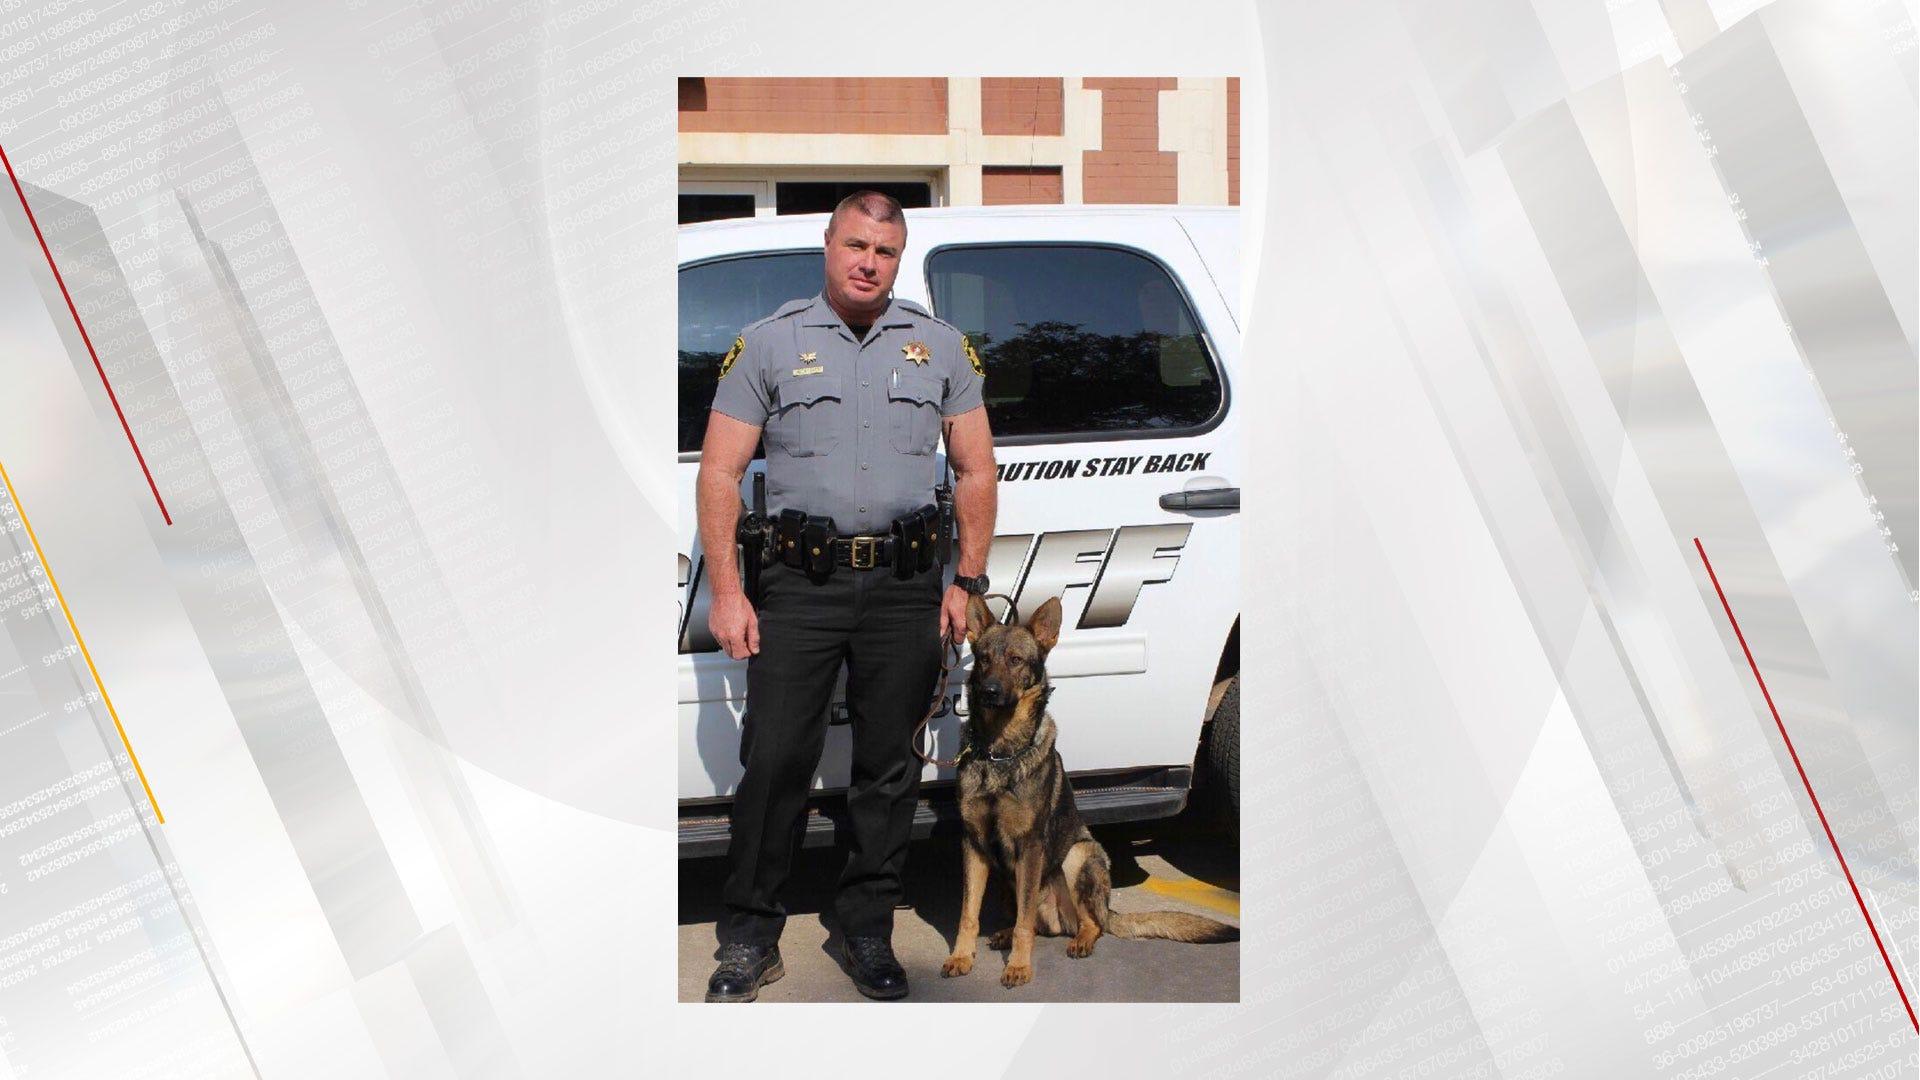 Grady County Sheriff's Office Seeking Donations For K-9 Program